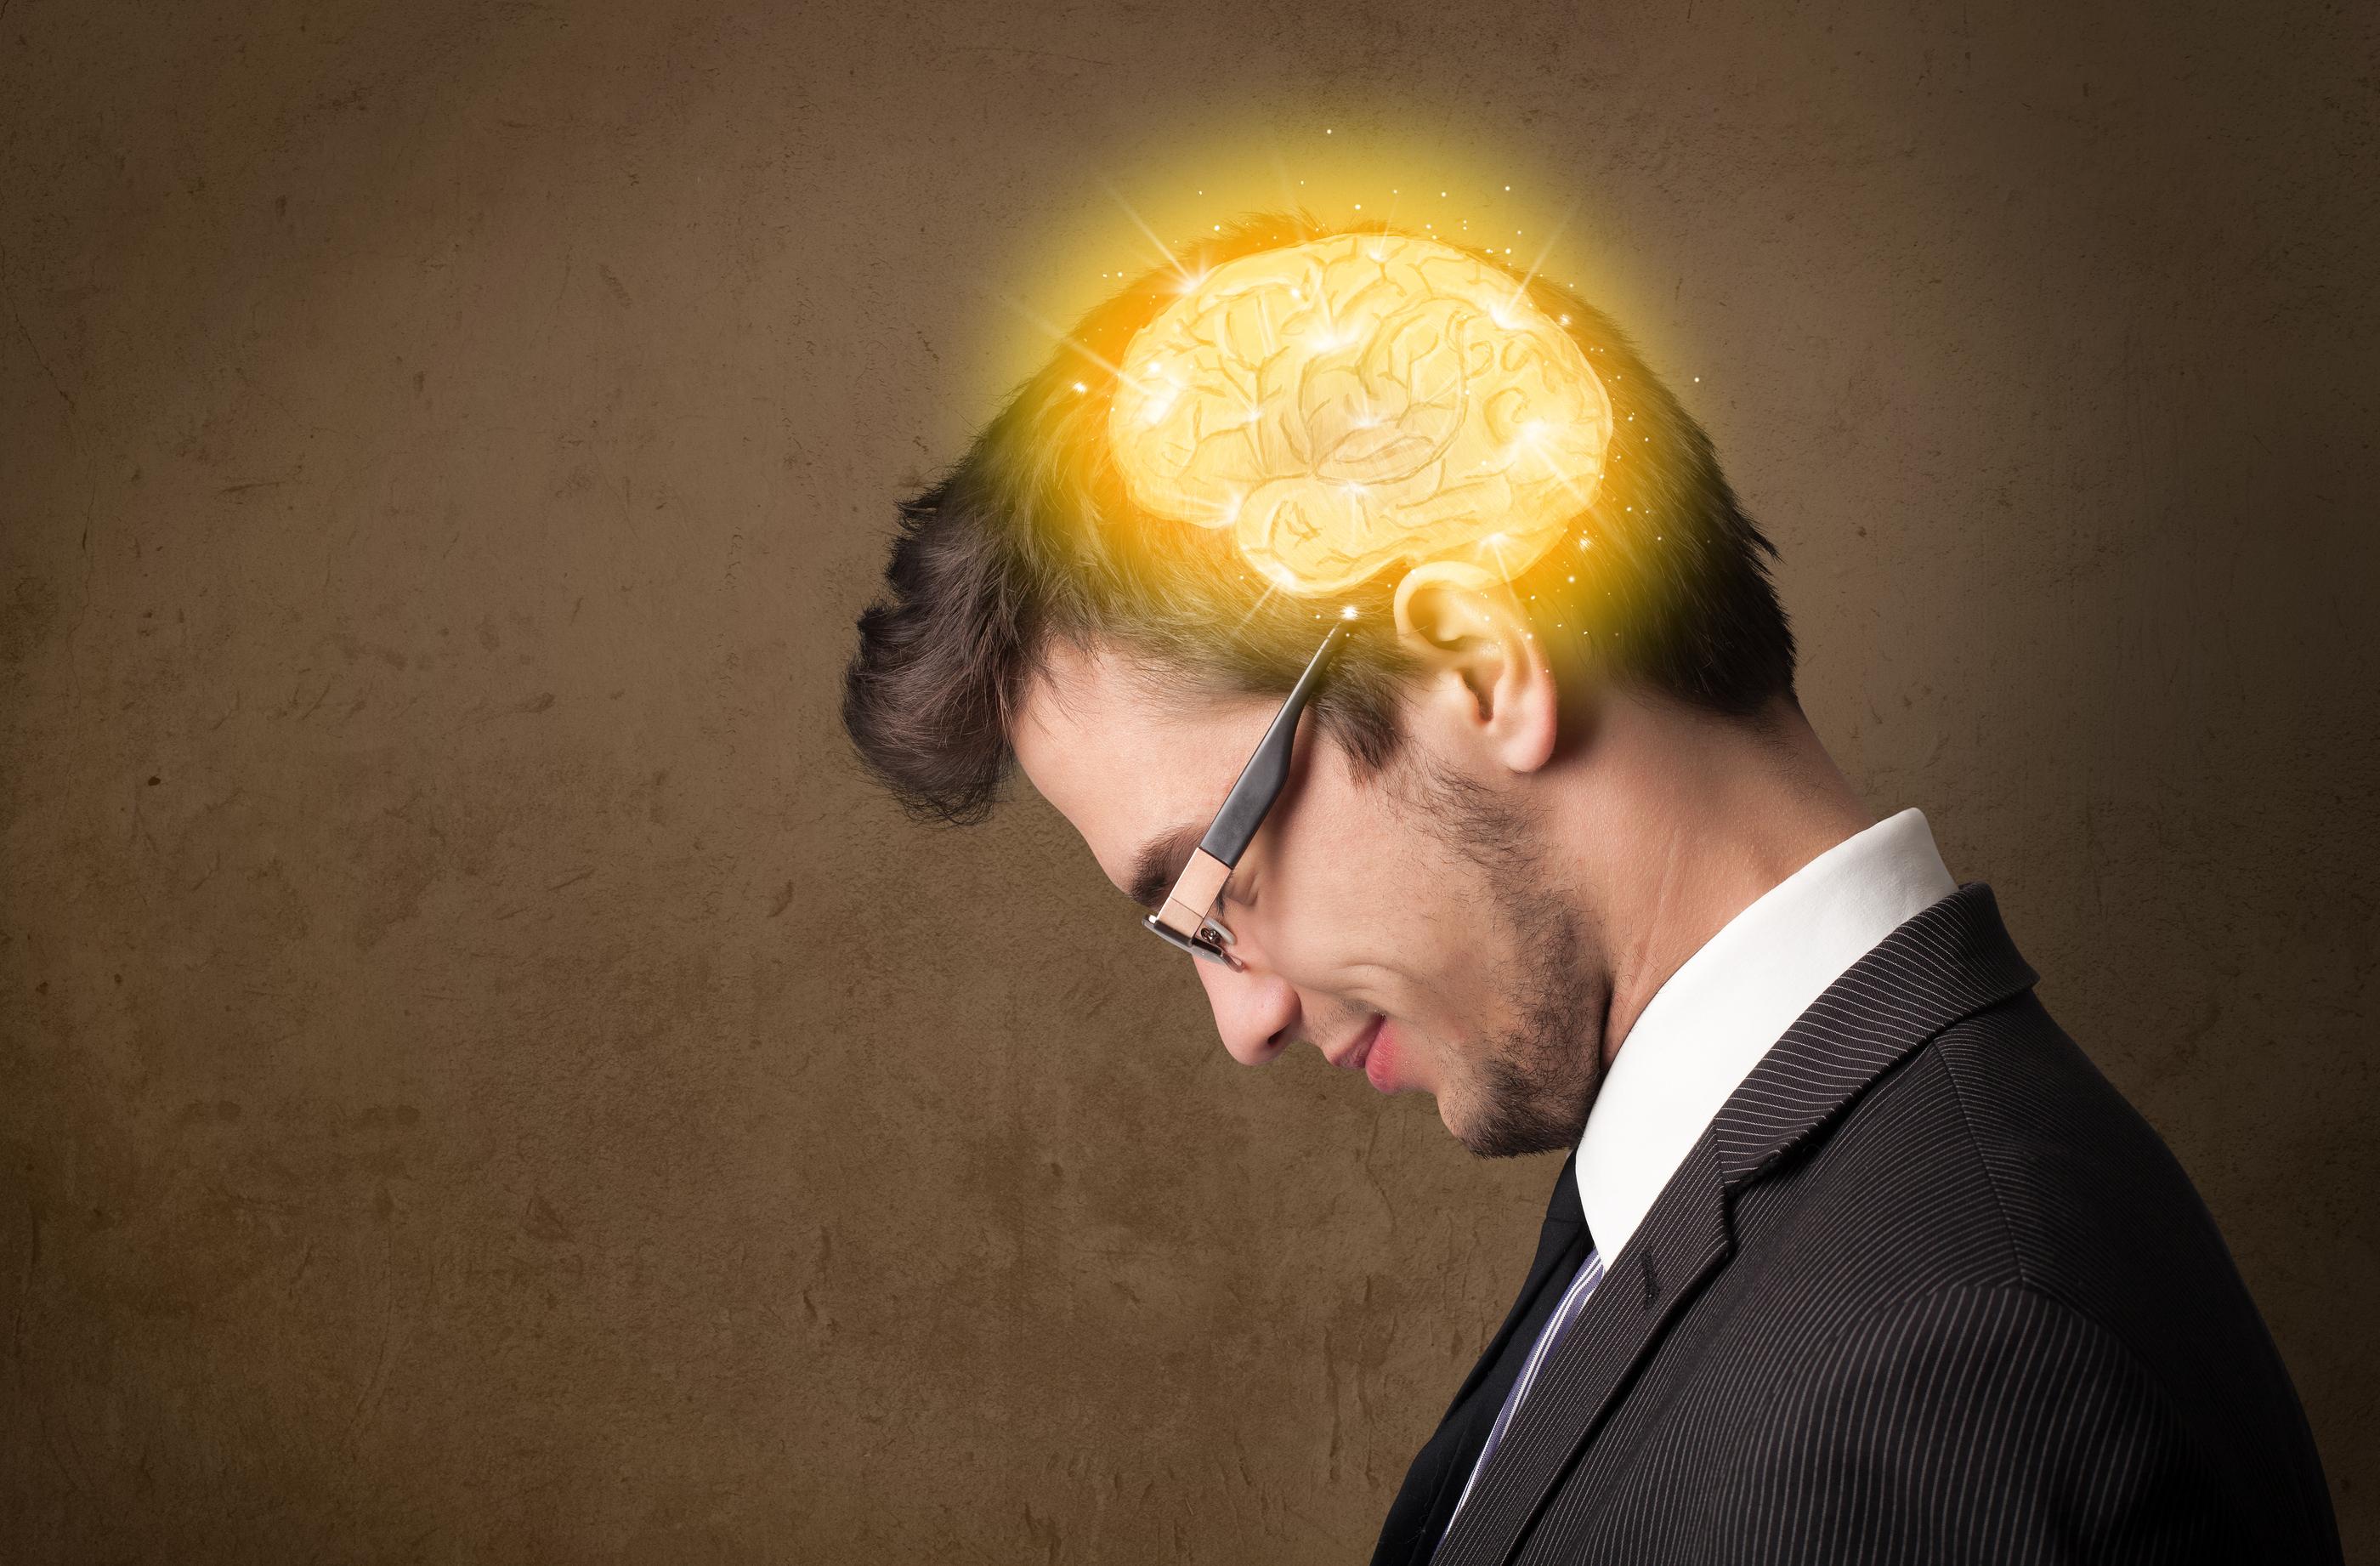 Starověká technika palác mysli může dlouhodobě zlepšit paměť, tvrdí vědci